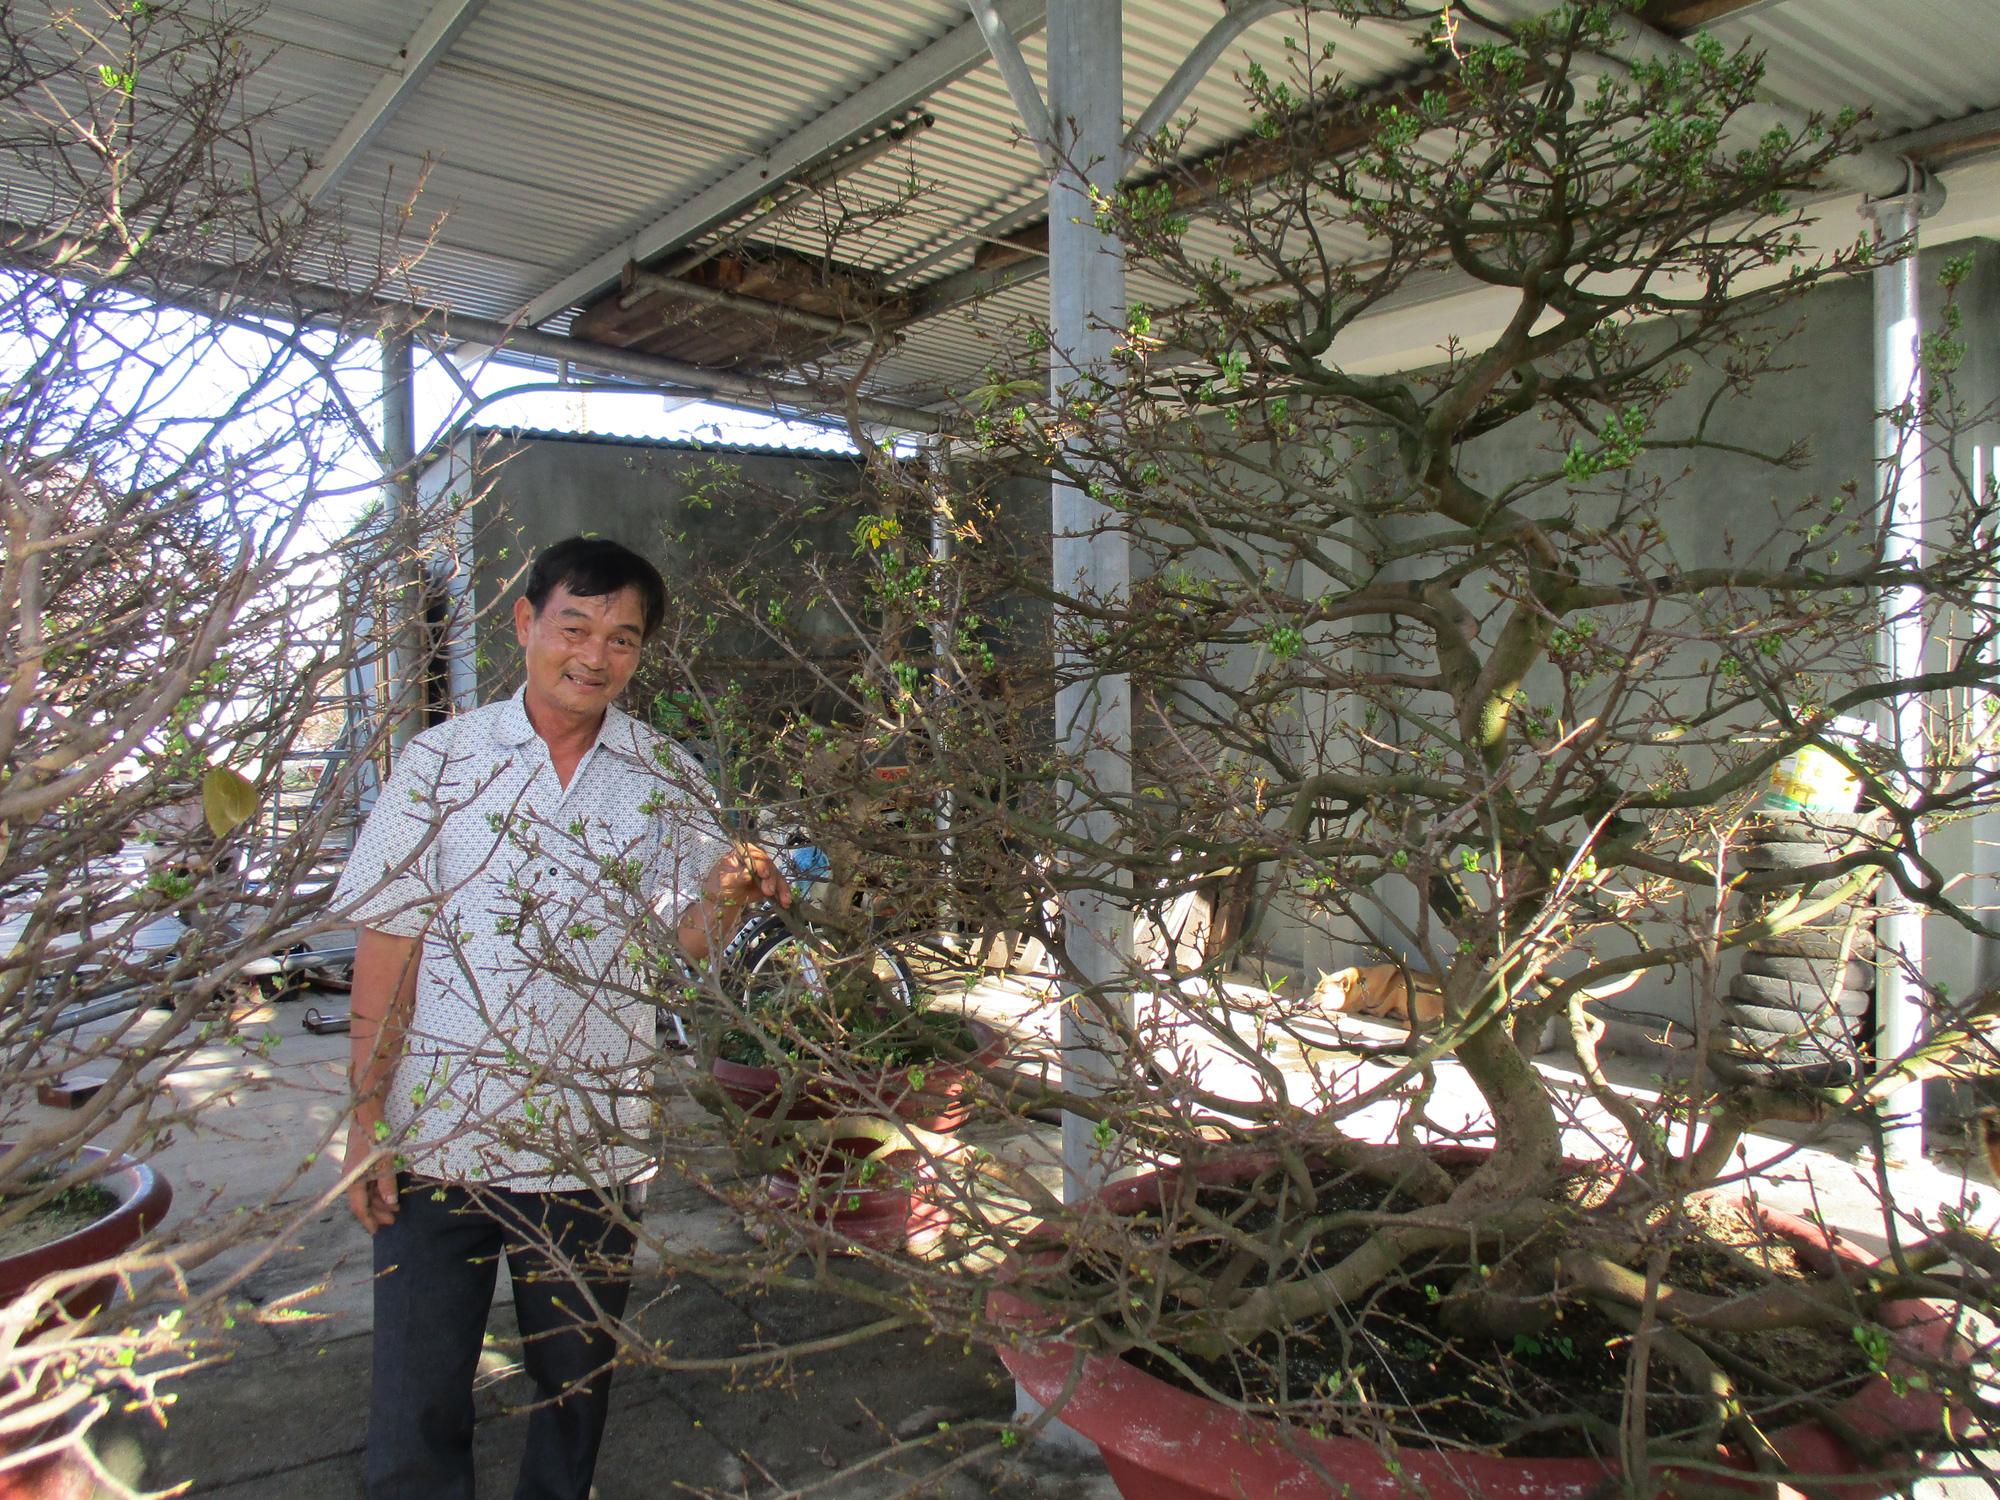 """Quảng Nam: Sở hữu vườn mai """"khủng"""", U70 được mệnh danh là """"Đệ nhất danh mai xứ Quảng"""" - Ảnh 4."""